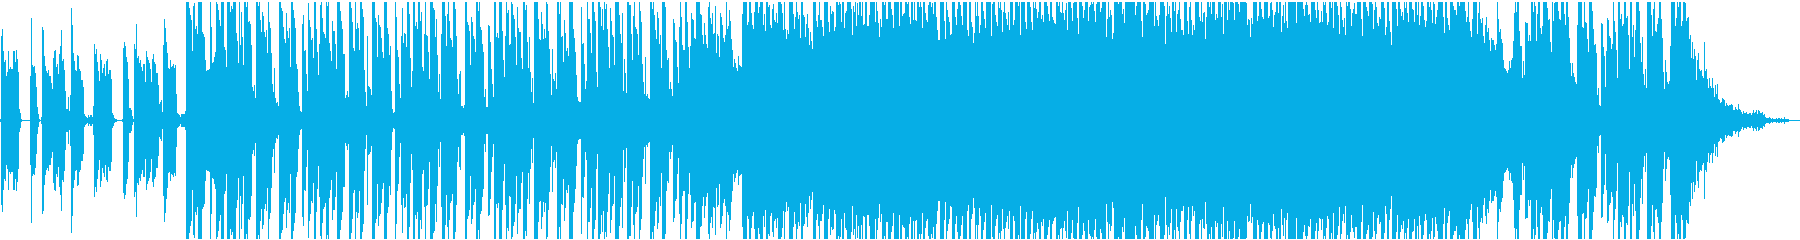 明るい  ギター ポップの再生済みの波形